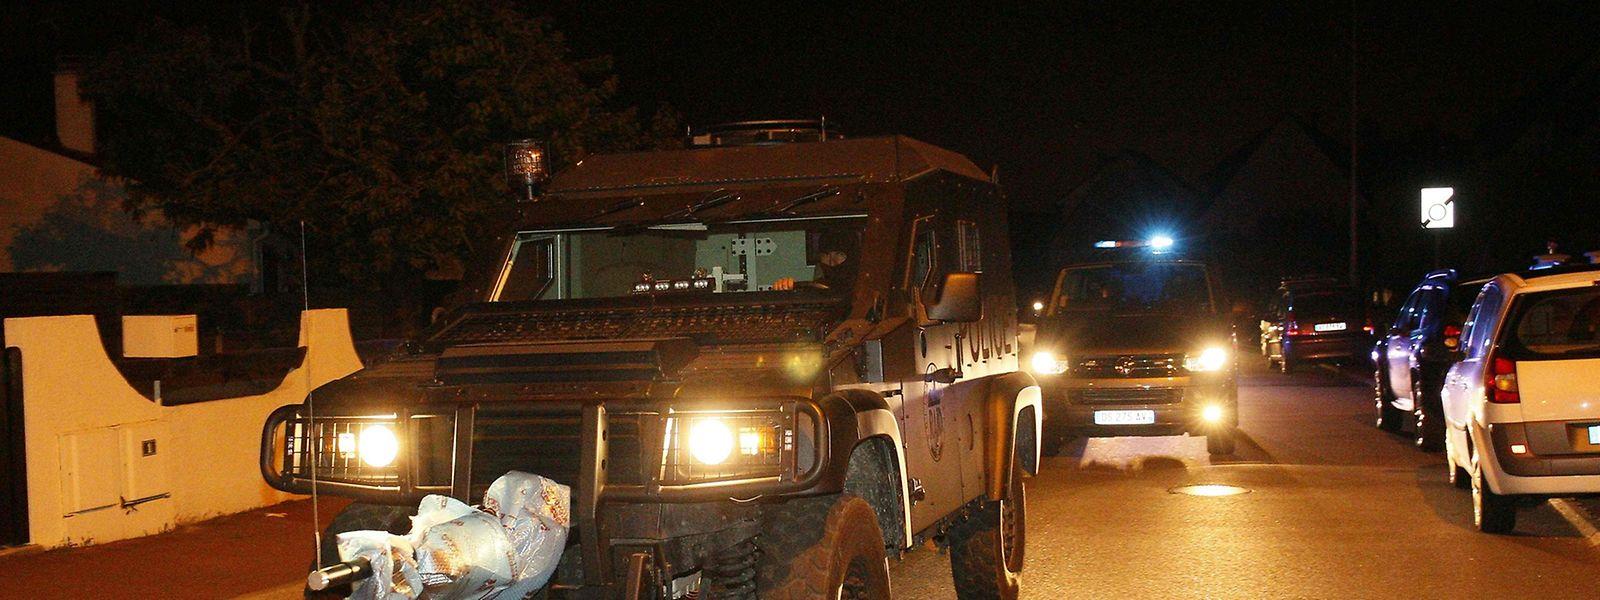 Spezialfahrzeuge der RAID-Einheiten am Ort des Geschehens.